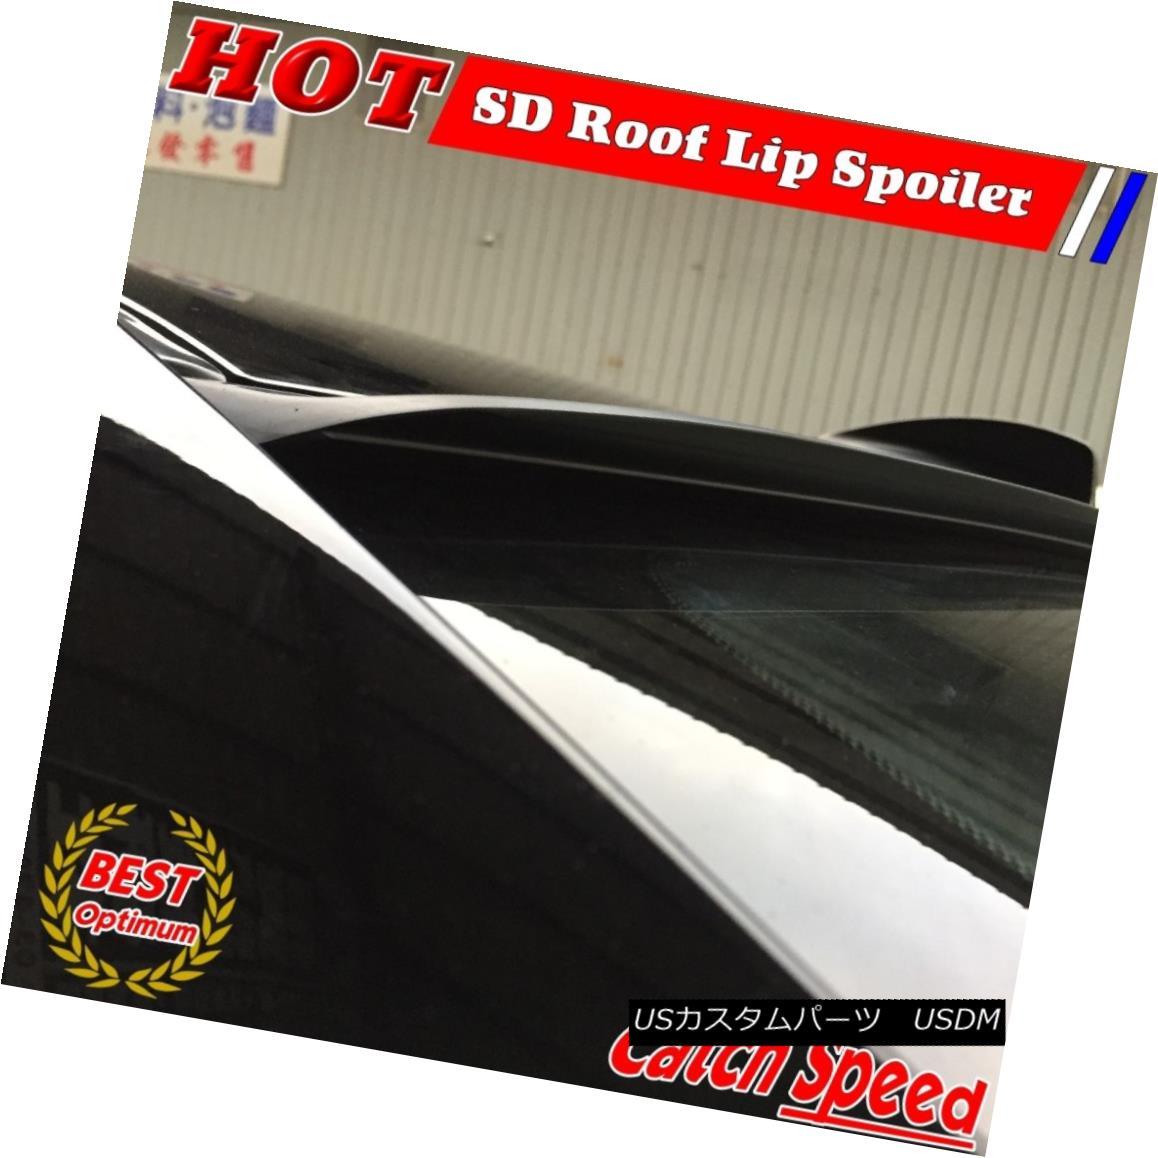 エアロパーツ Painted SD Type Rear Window Roof Spoiler Wing For Audi S7 Sedan 2011~2014 Audi S7セダン用の塗装済みSDタイプリアウィンドウルーフスポイラーウイング2011?2014